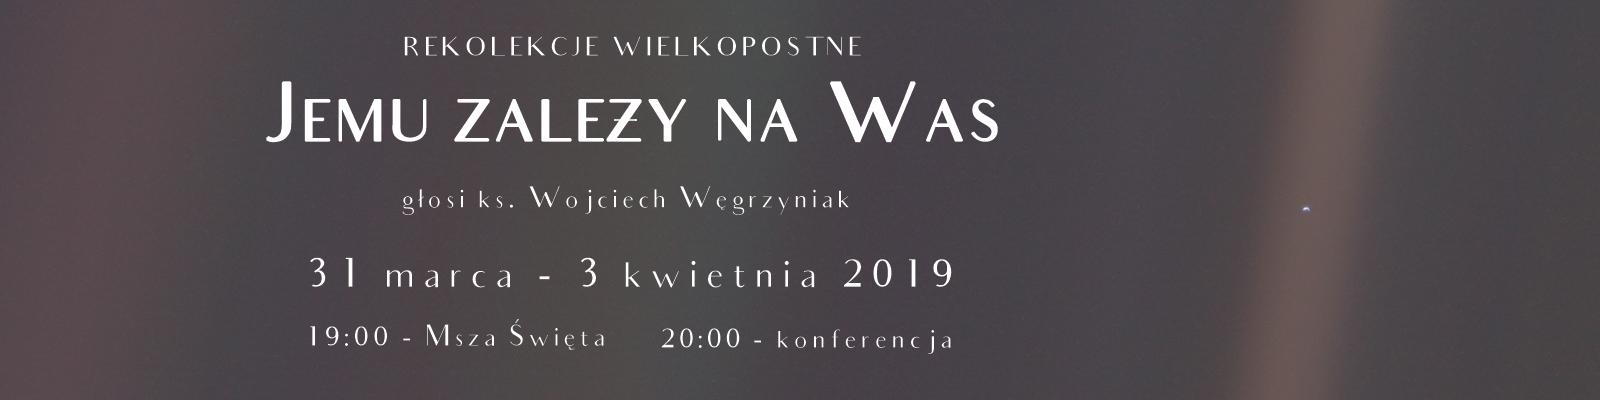 banner-www-rekolekcje-wielkopostne-2019